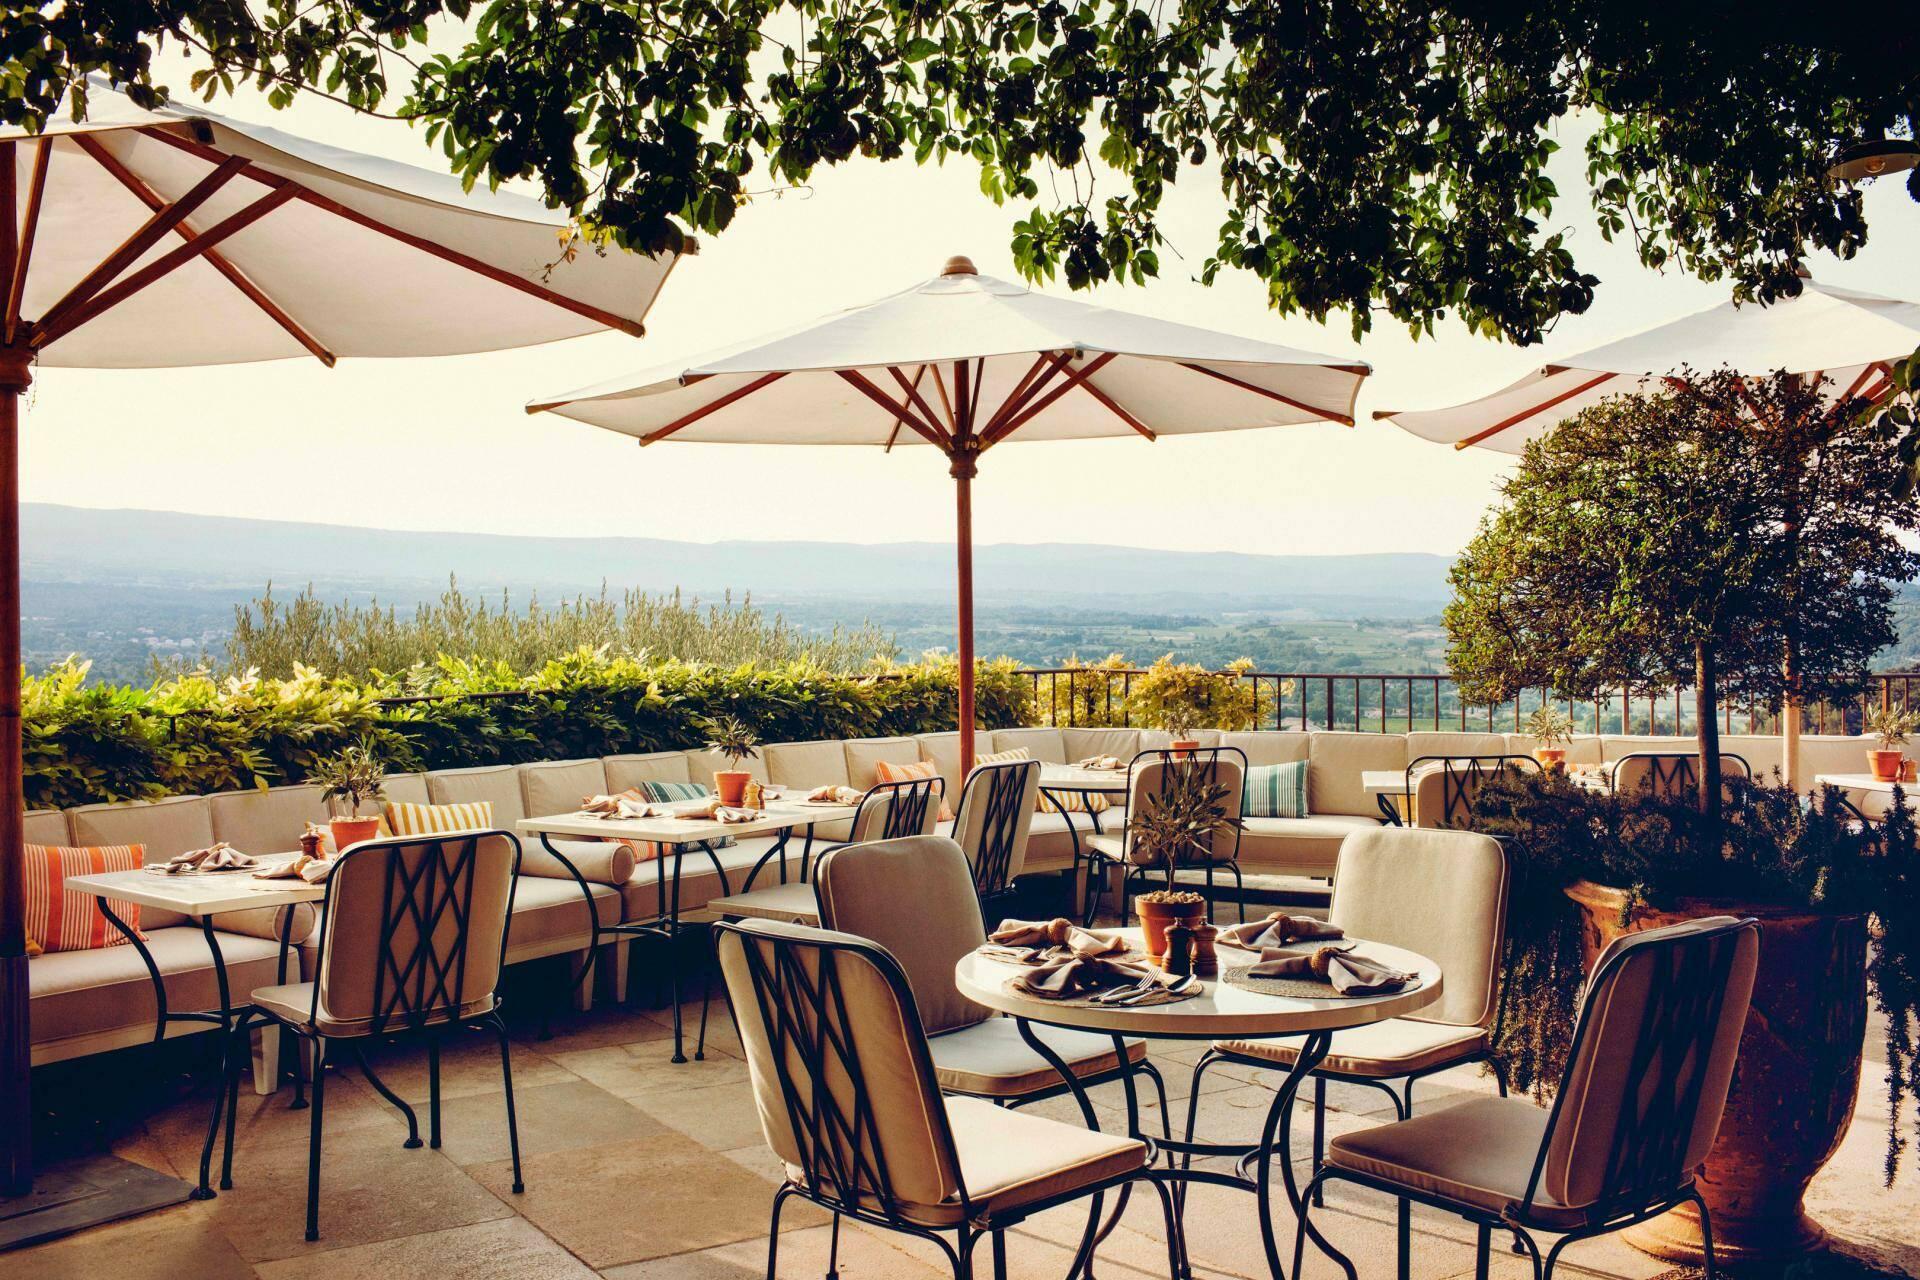 Hotel crillon le brave restaurant terrasse Provence Maisons Pariente